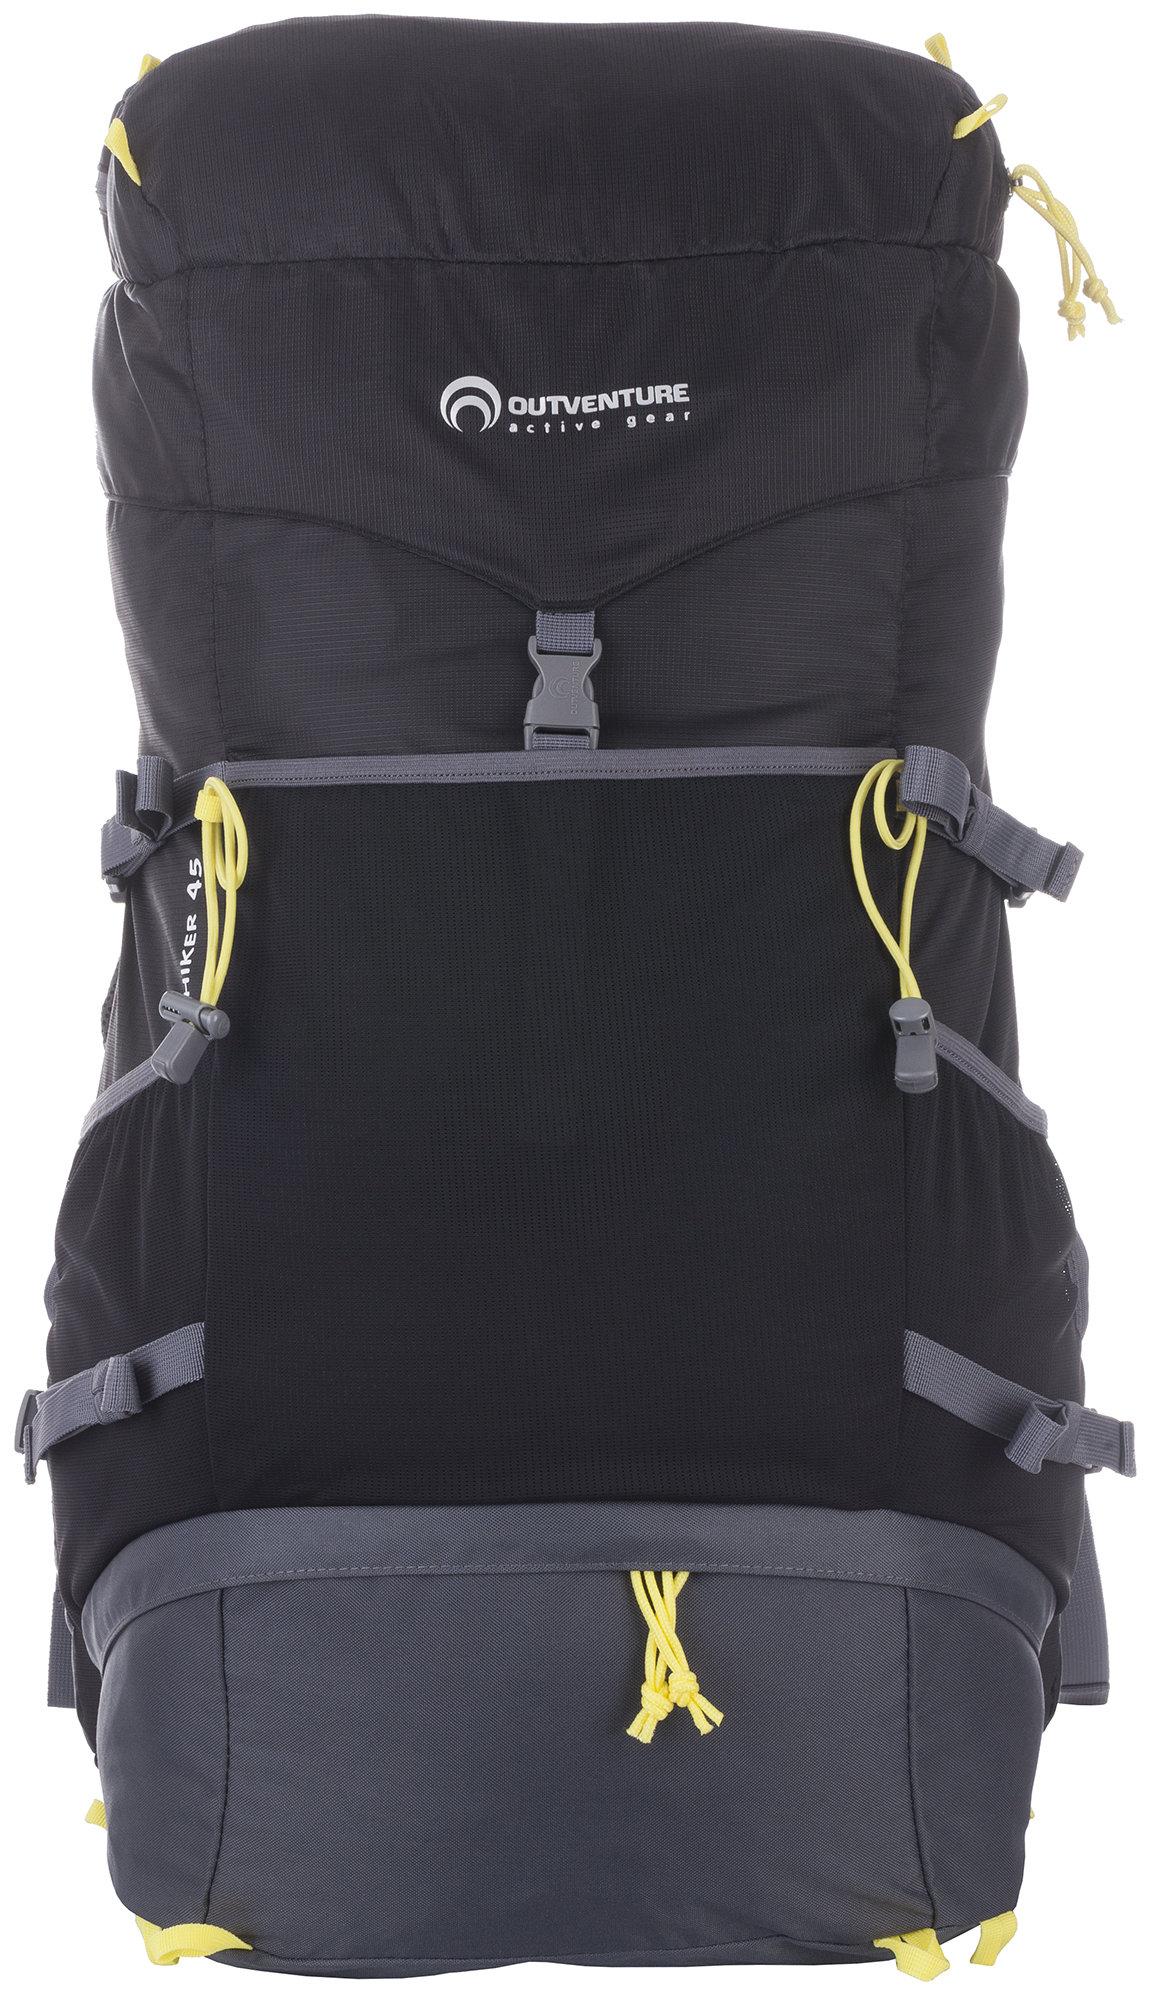 Outventure New Hiker 45